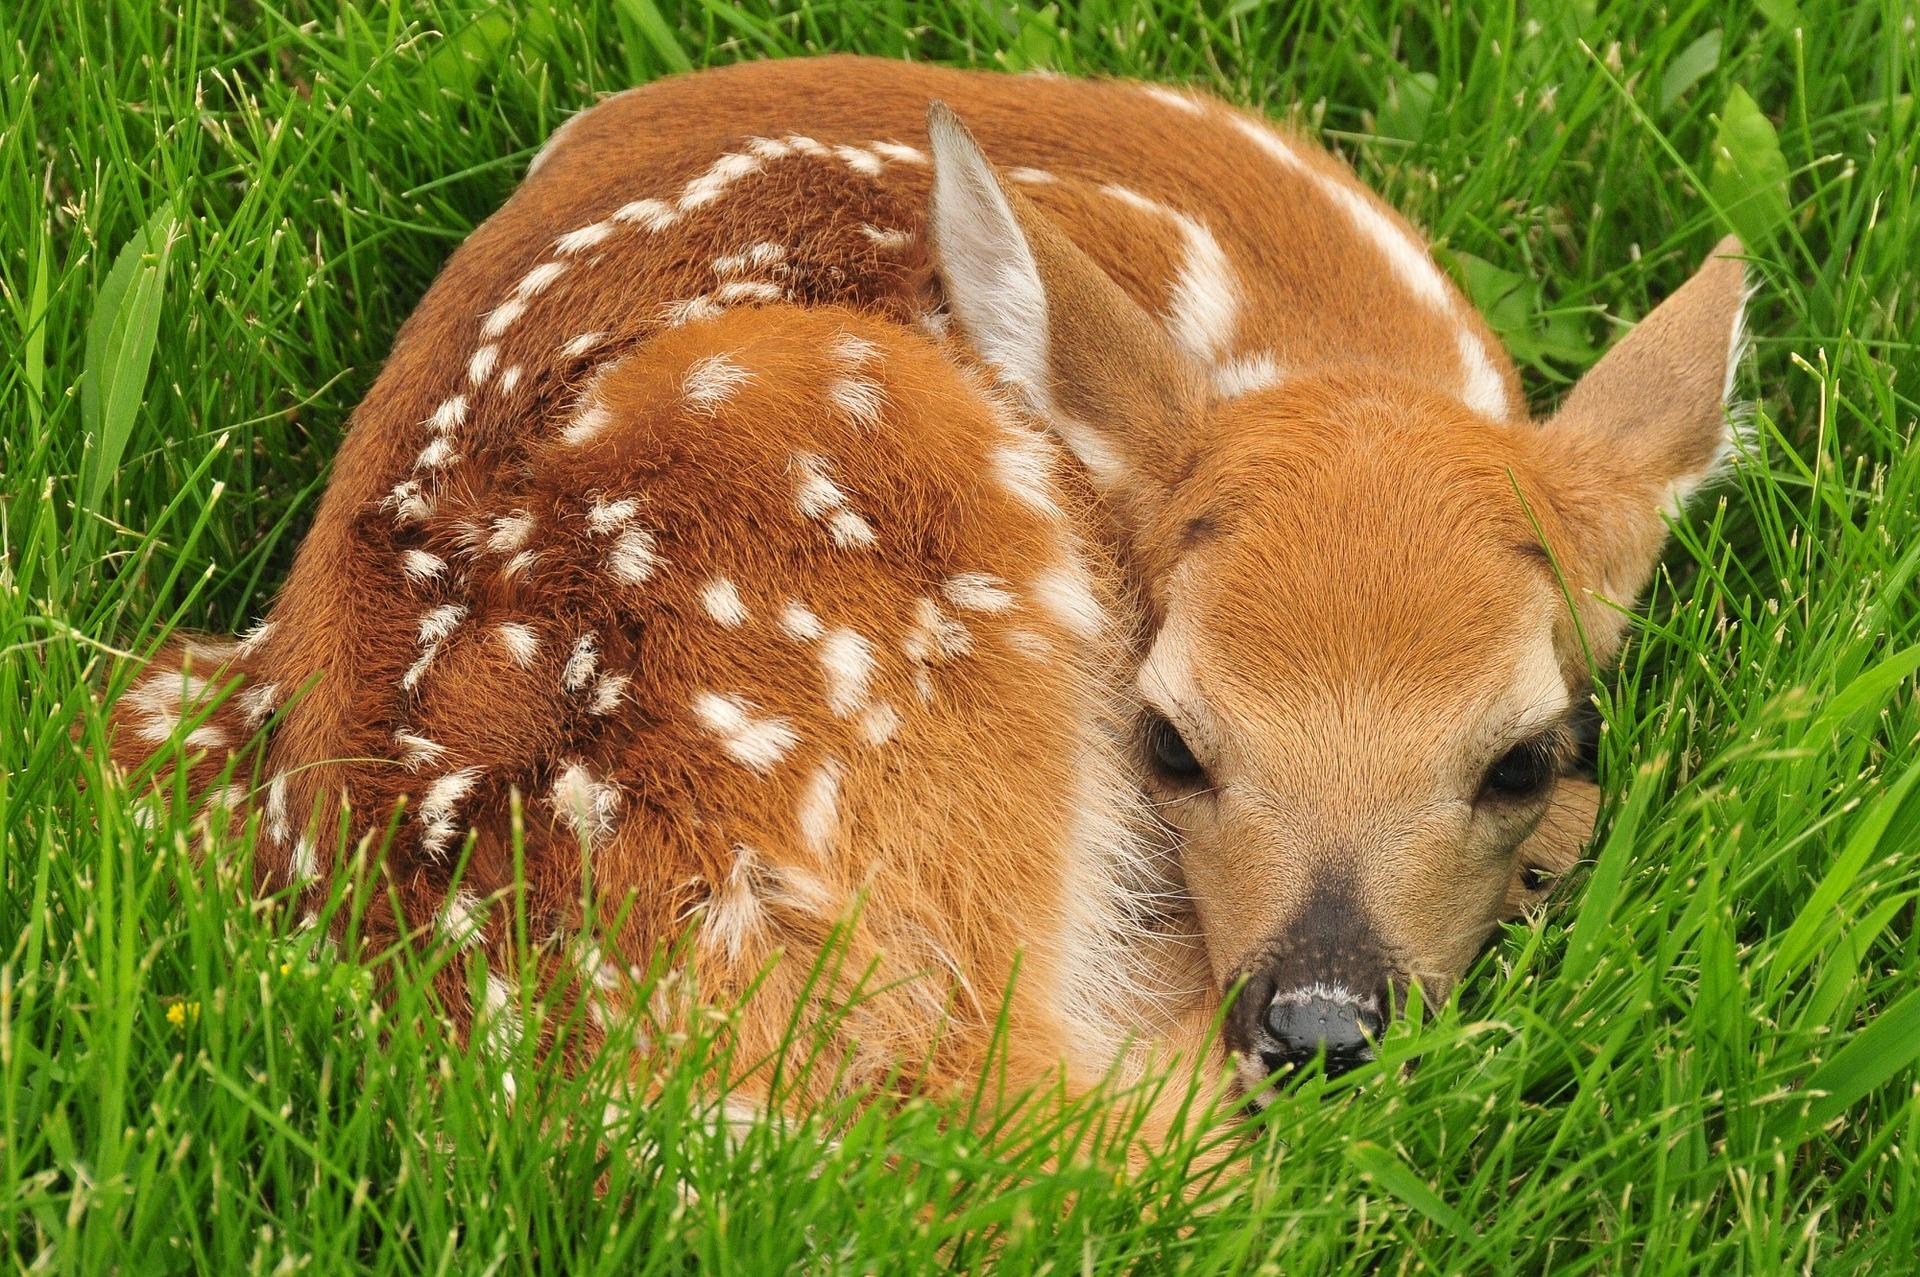 Srnče ukryté v trávě